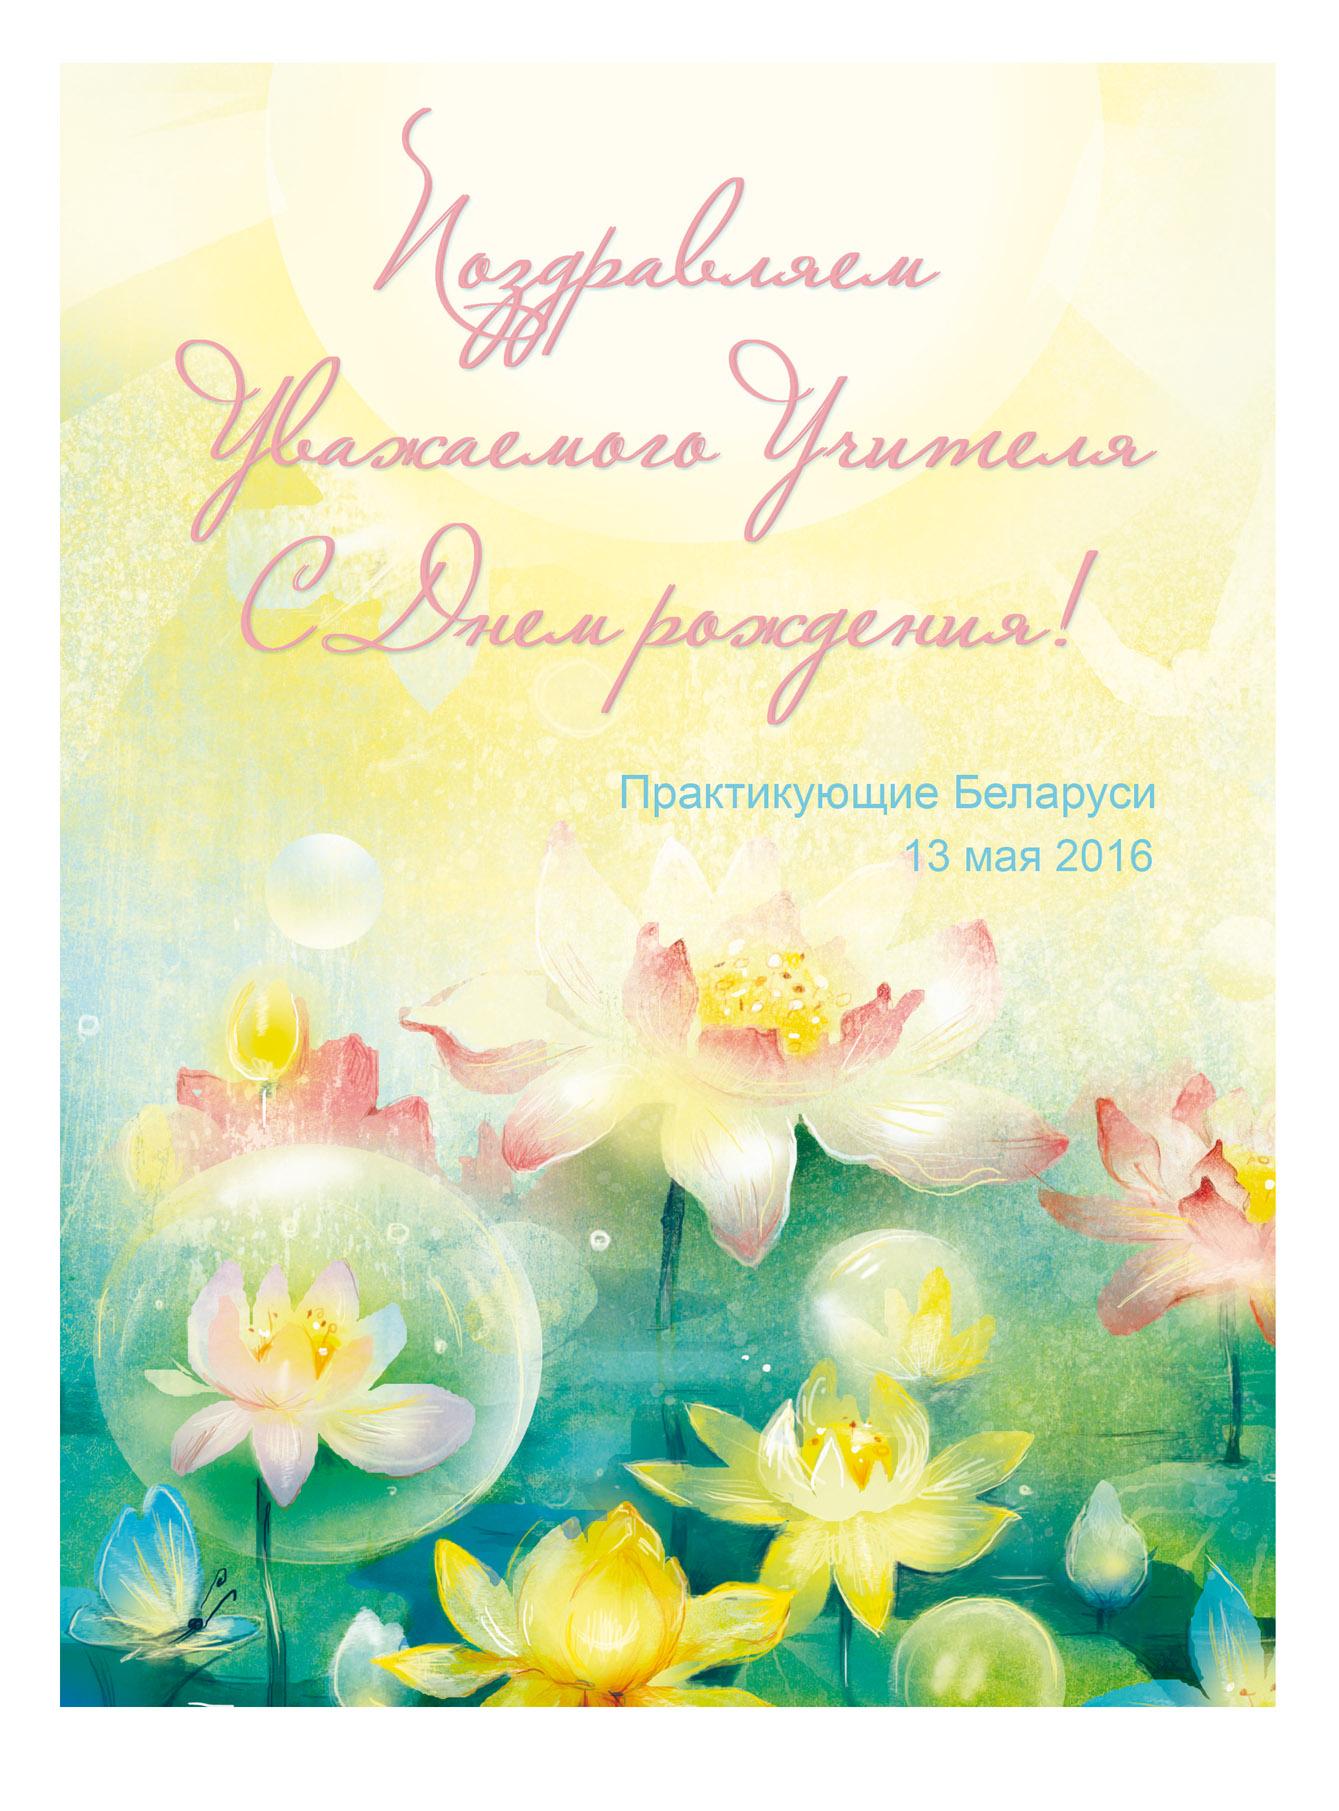 Поздравление с 65 летием открытки